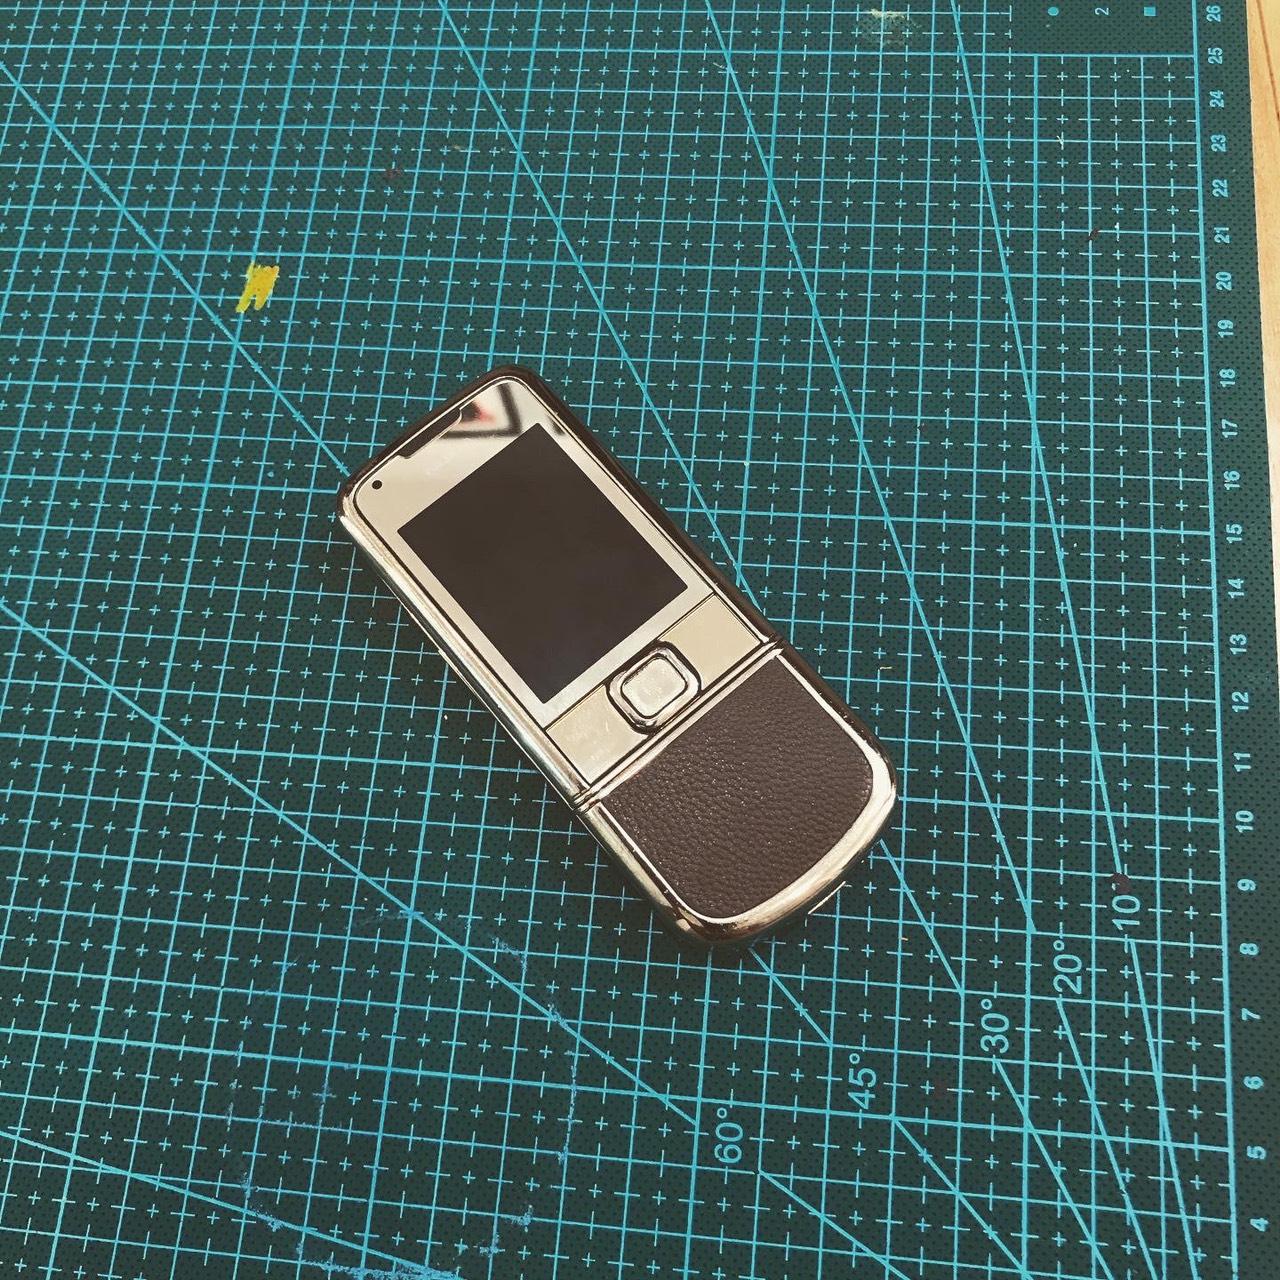 Dán da LV cho Nokia 8800 Gold Arte 3